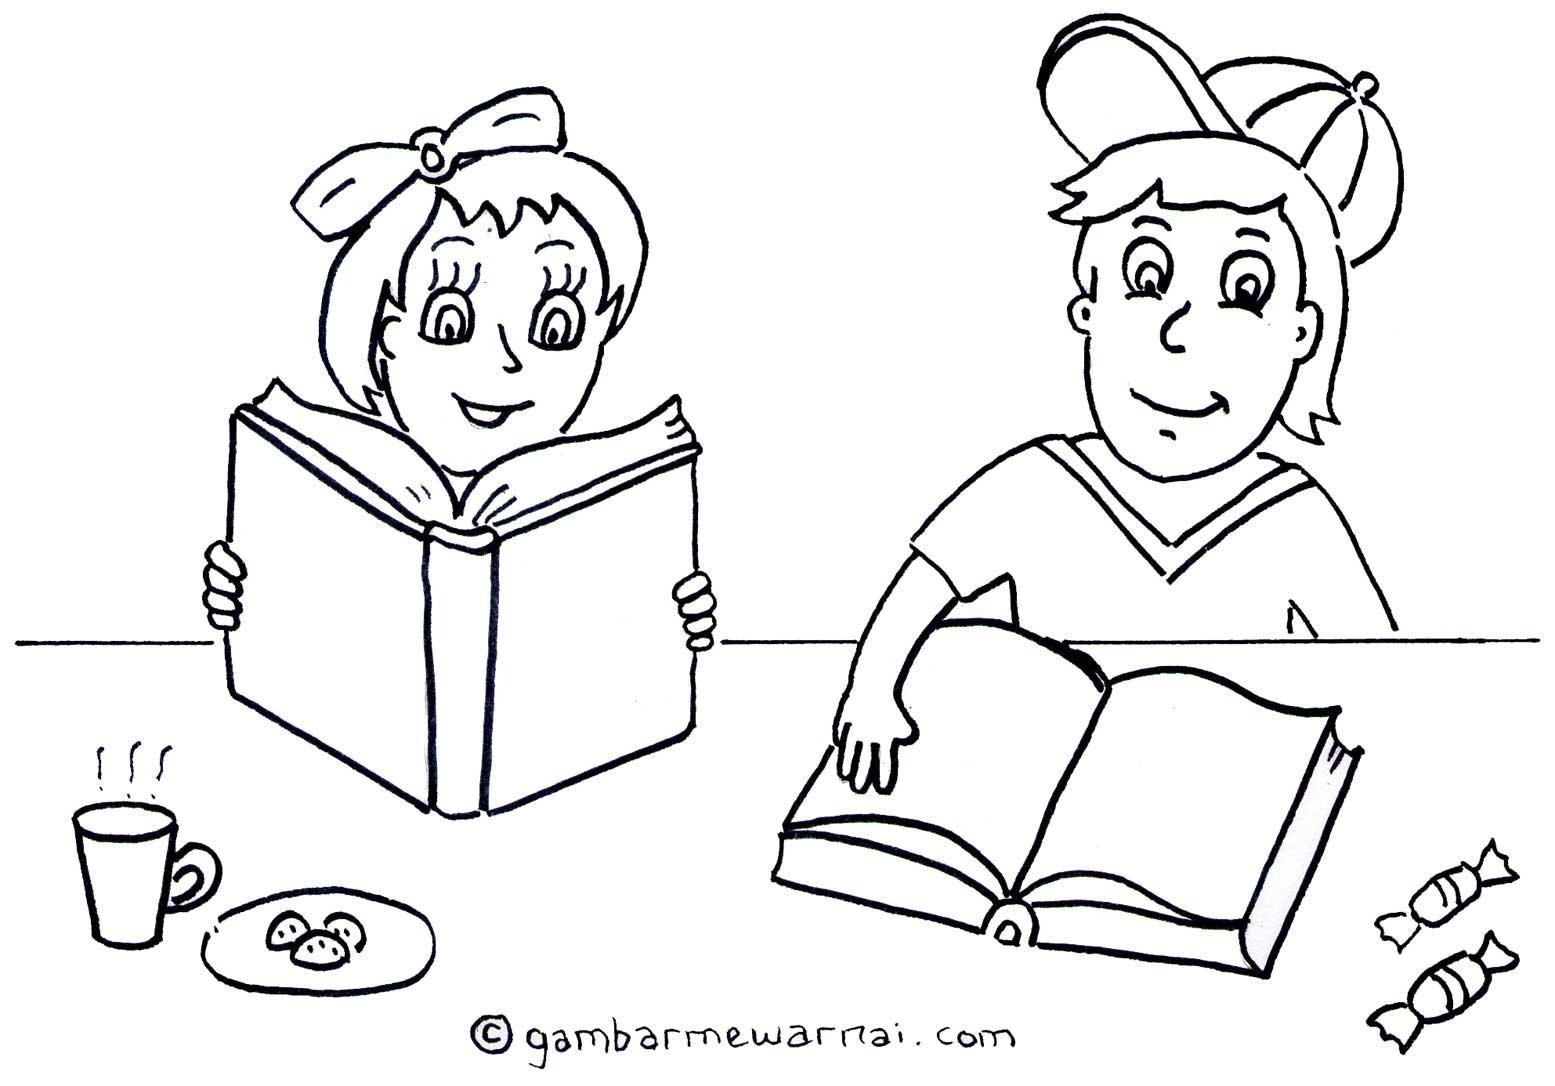 41+ Gambar Buku Cerita Dongeng, Paling Dicari!